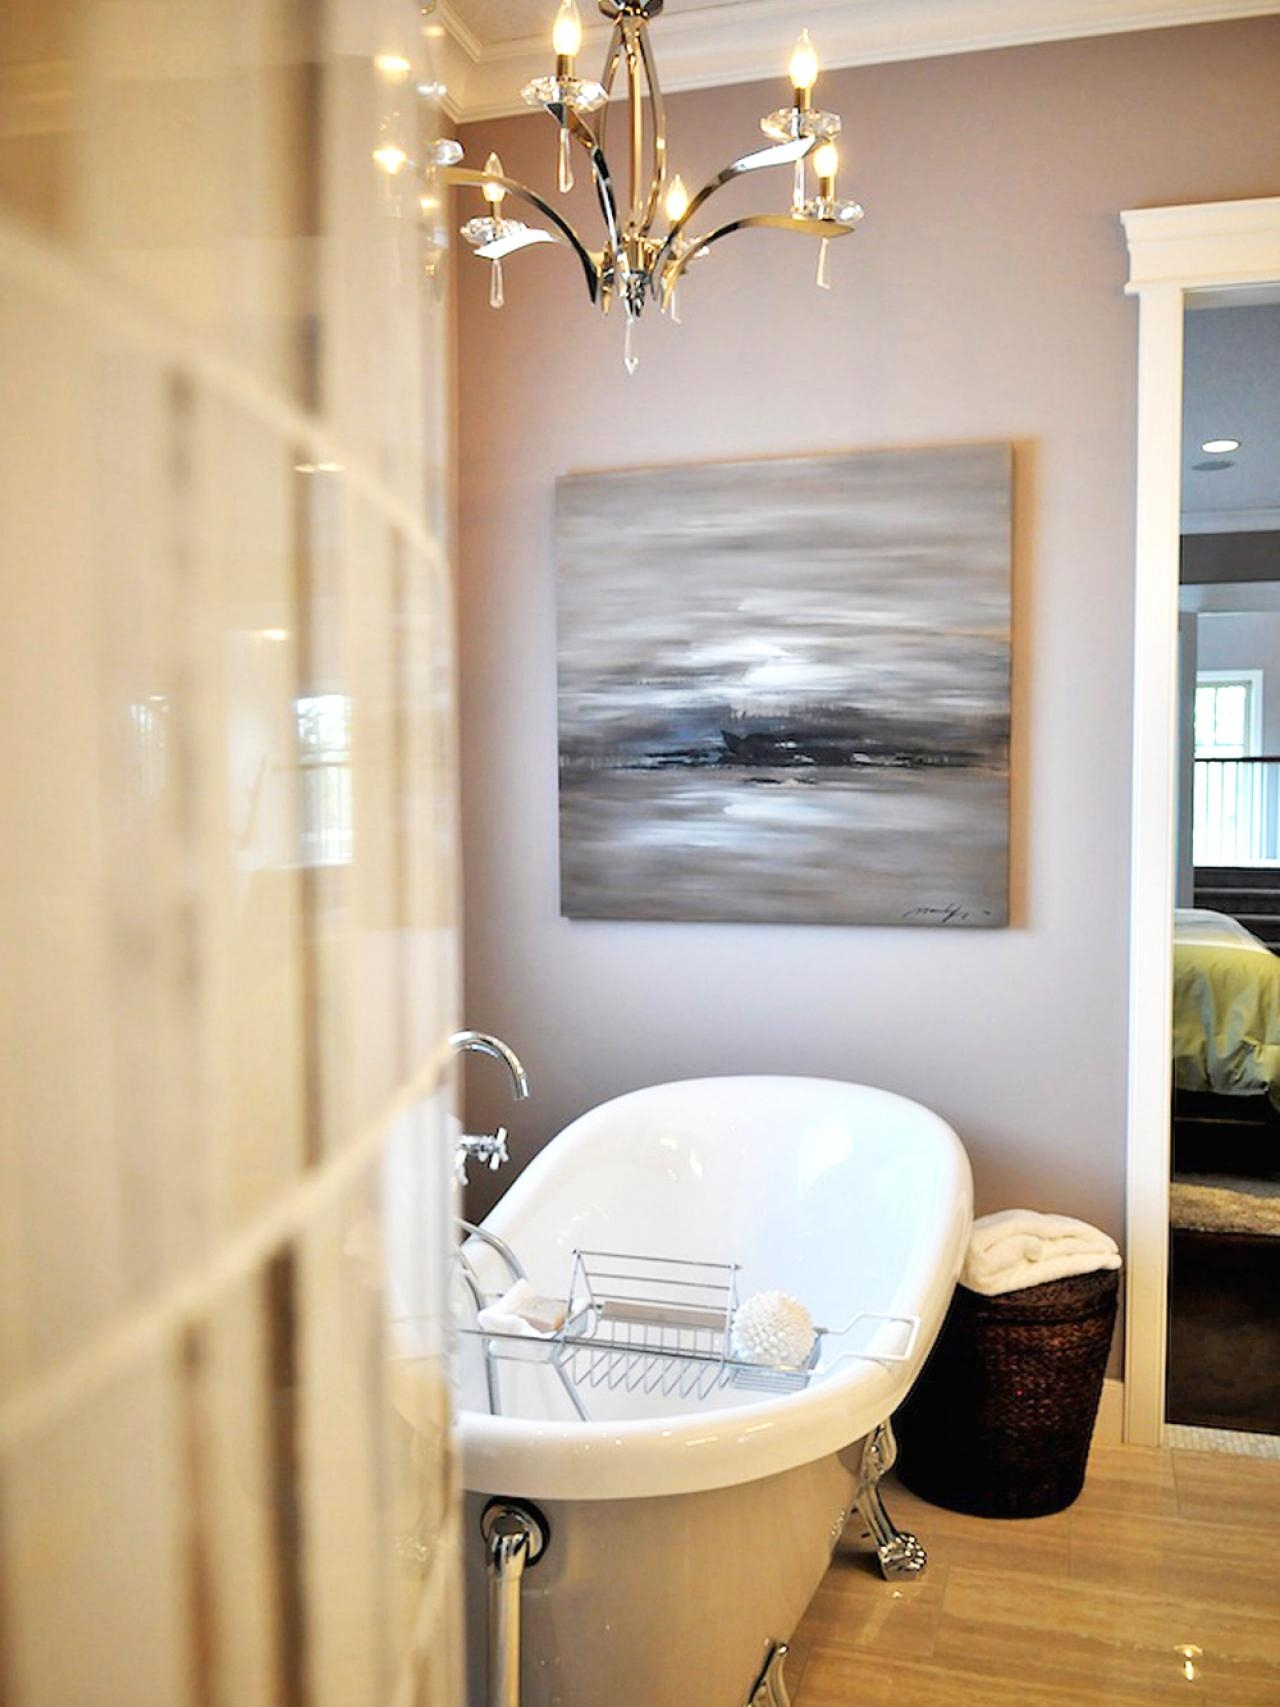 Bathroom Lighting Fixtures Hgtv Regarding Bathroom Lighting Chandeliers (View 7 of 25)